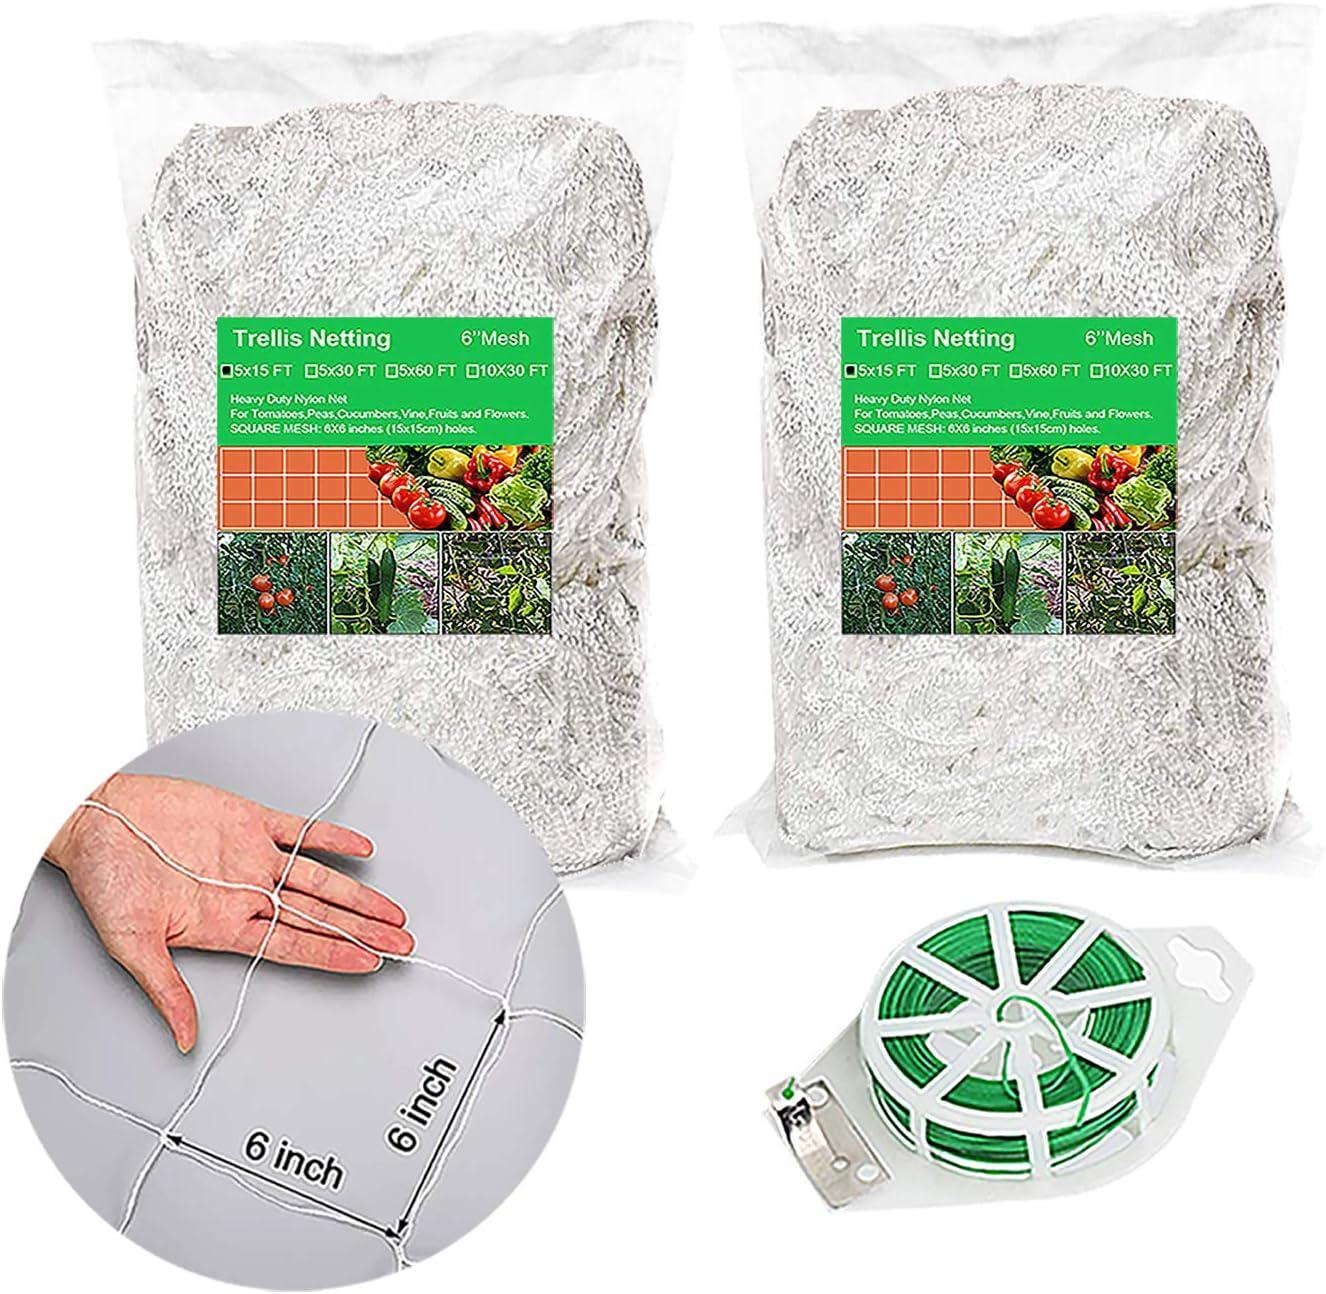 Trellis Netting 2 Packs (5X15FT) Garden Netting for Plants Heavy-Duty Polyester Garden Net Plant Support Growing Vine Climbing Flexible String Net 6'' Mesh